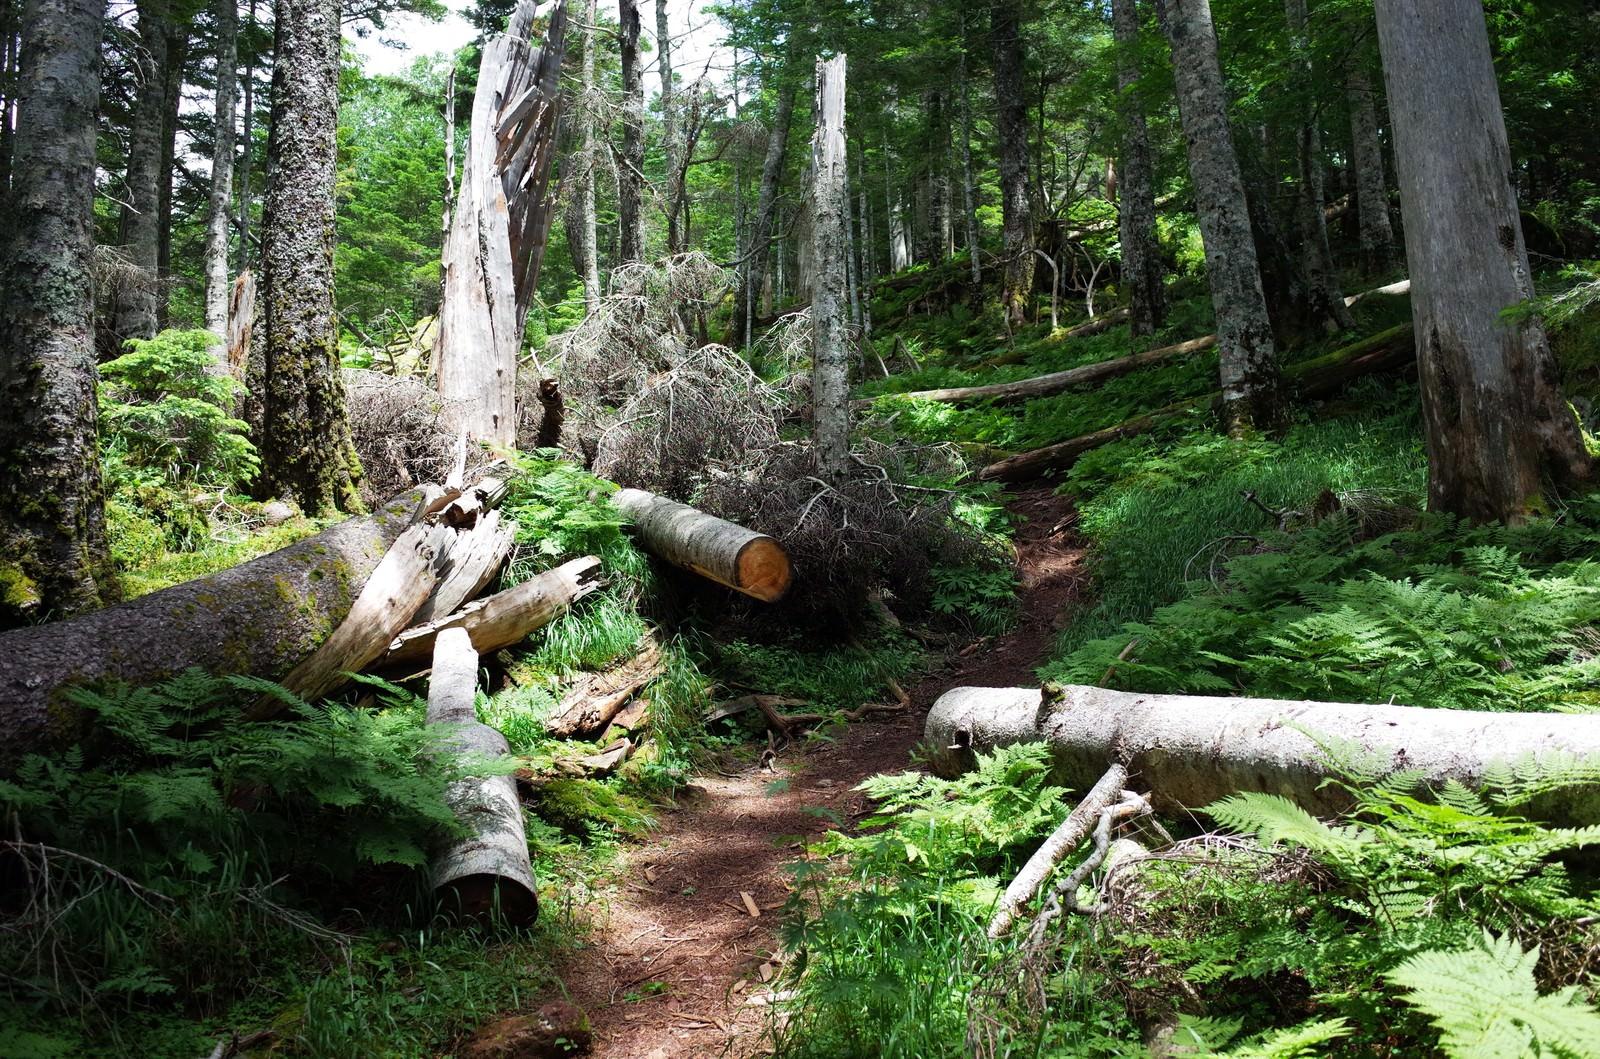 「倒木がきれいに斬られた聖岳登山道」の写真